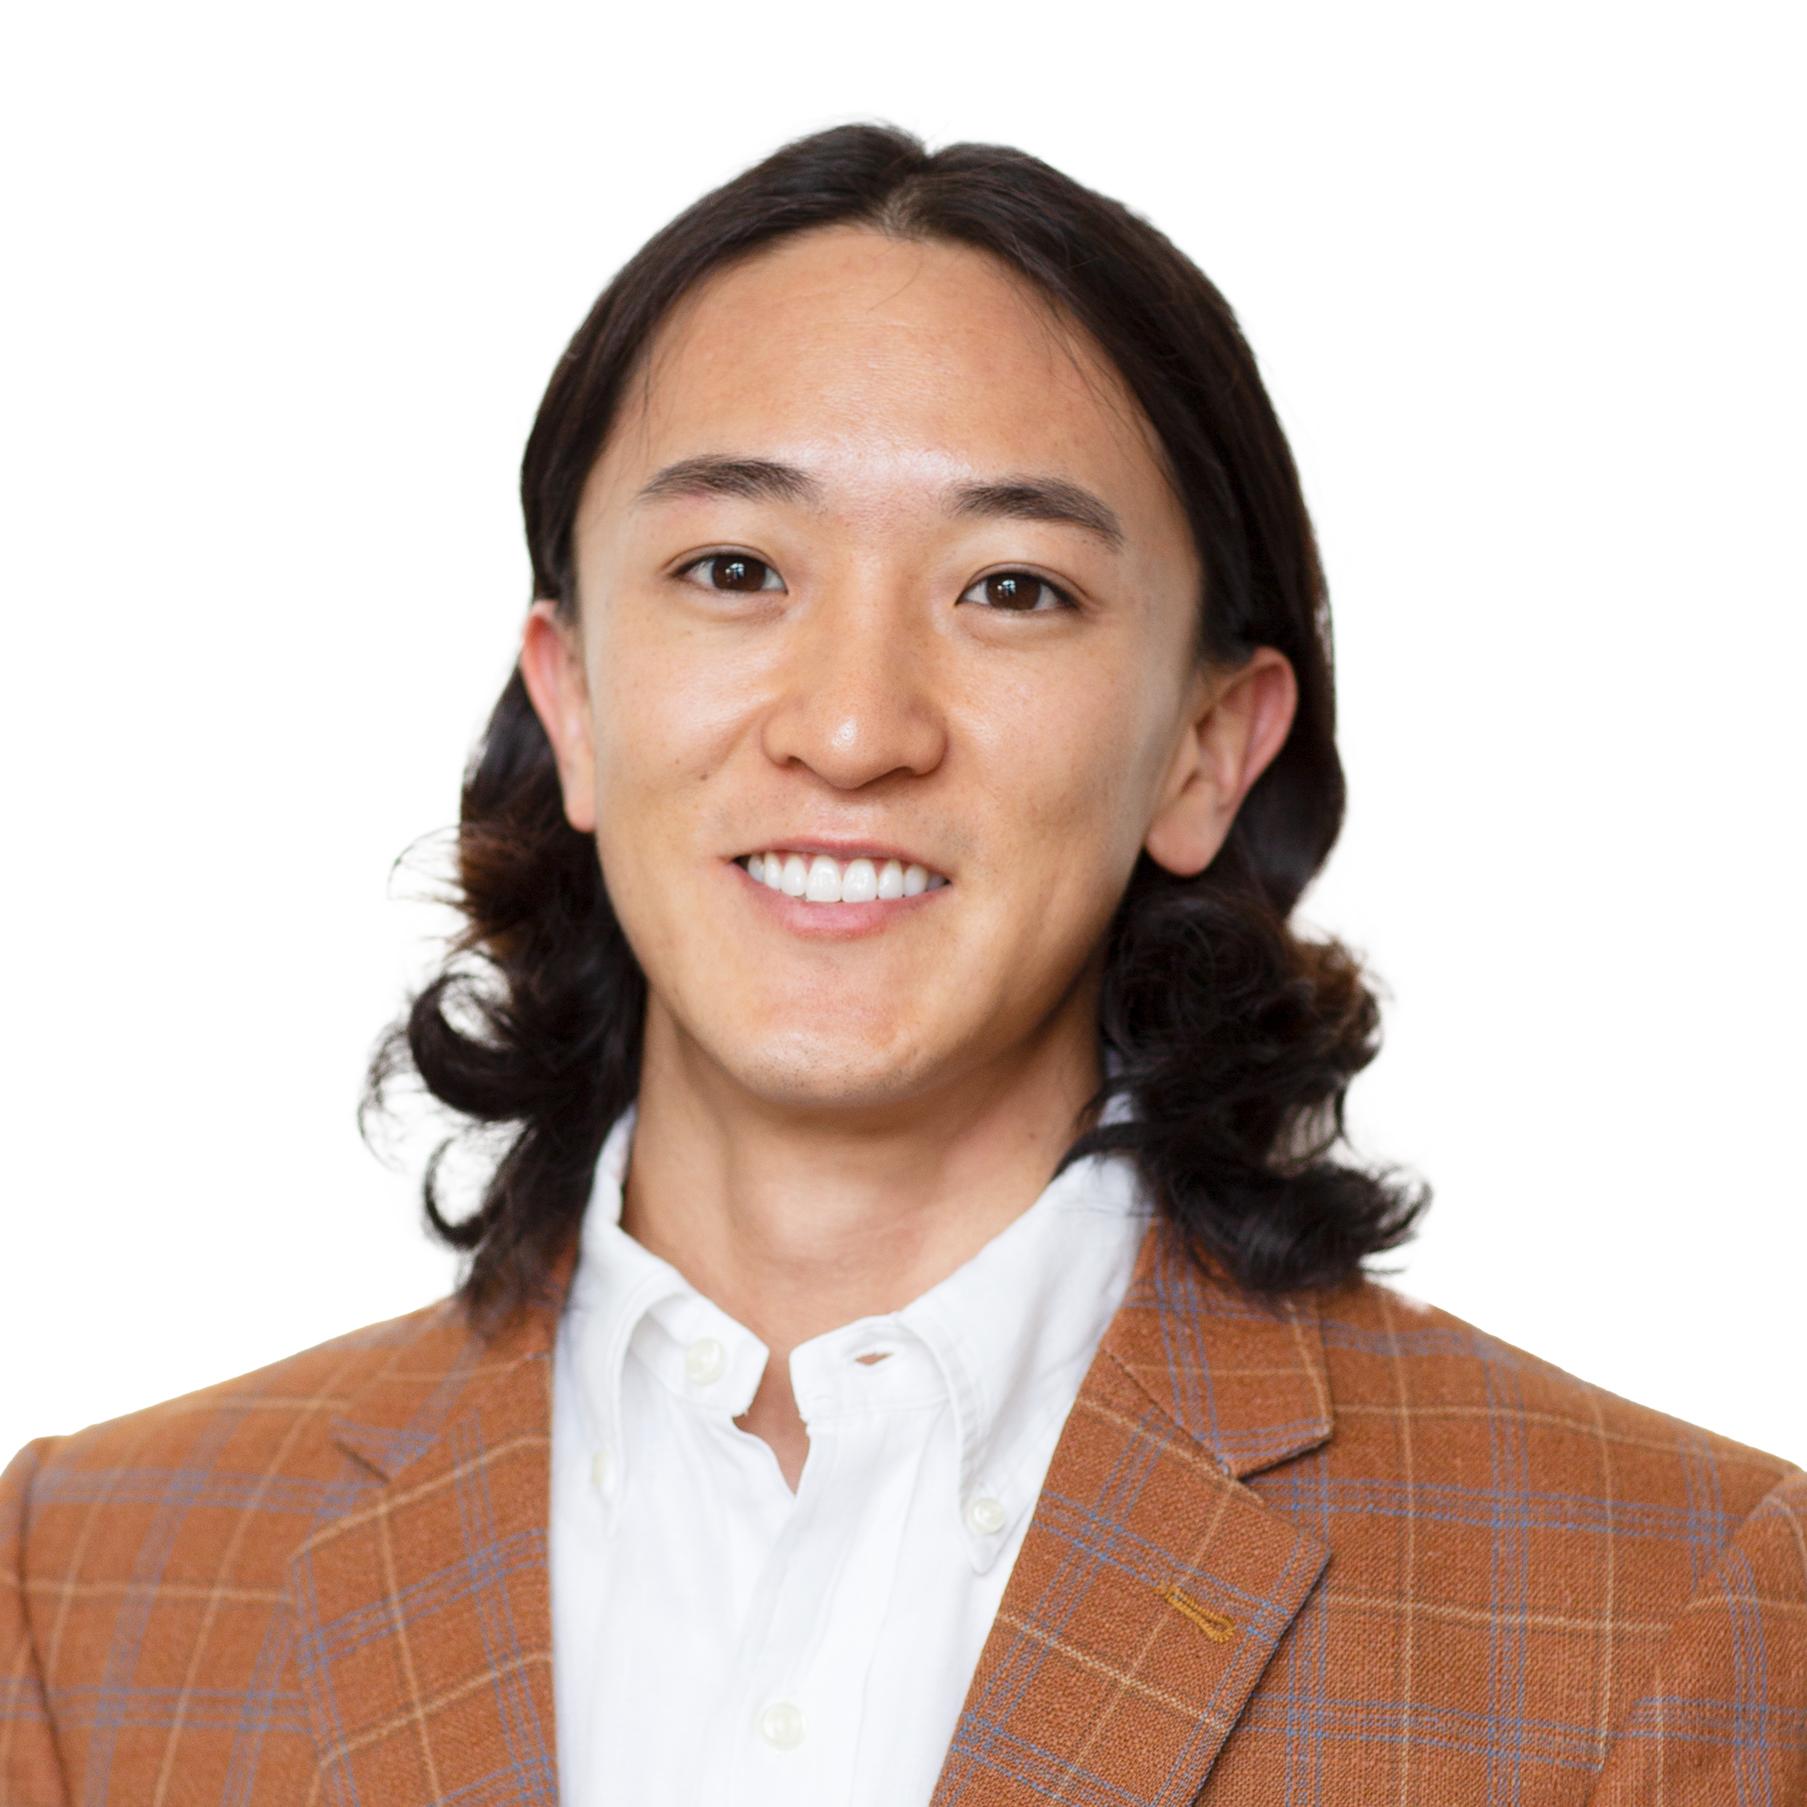 Ryan Tran, Marketing Manager